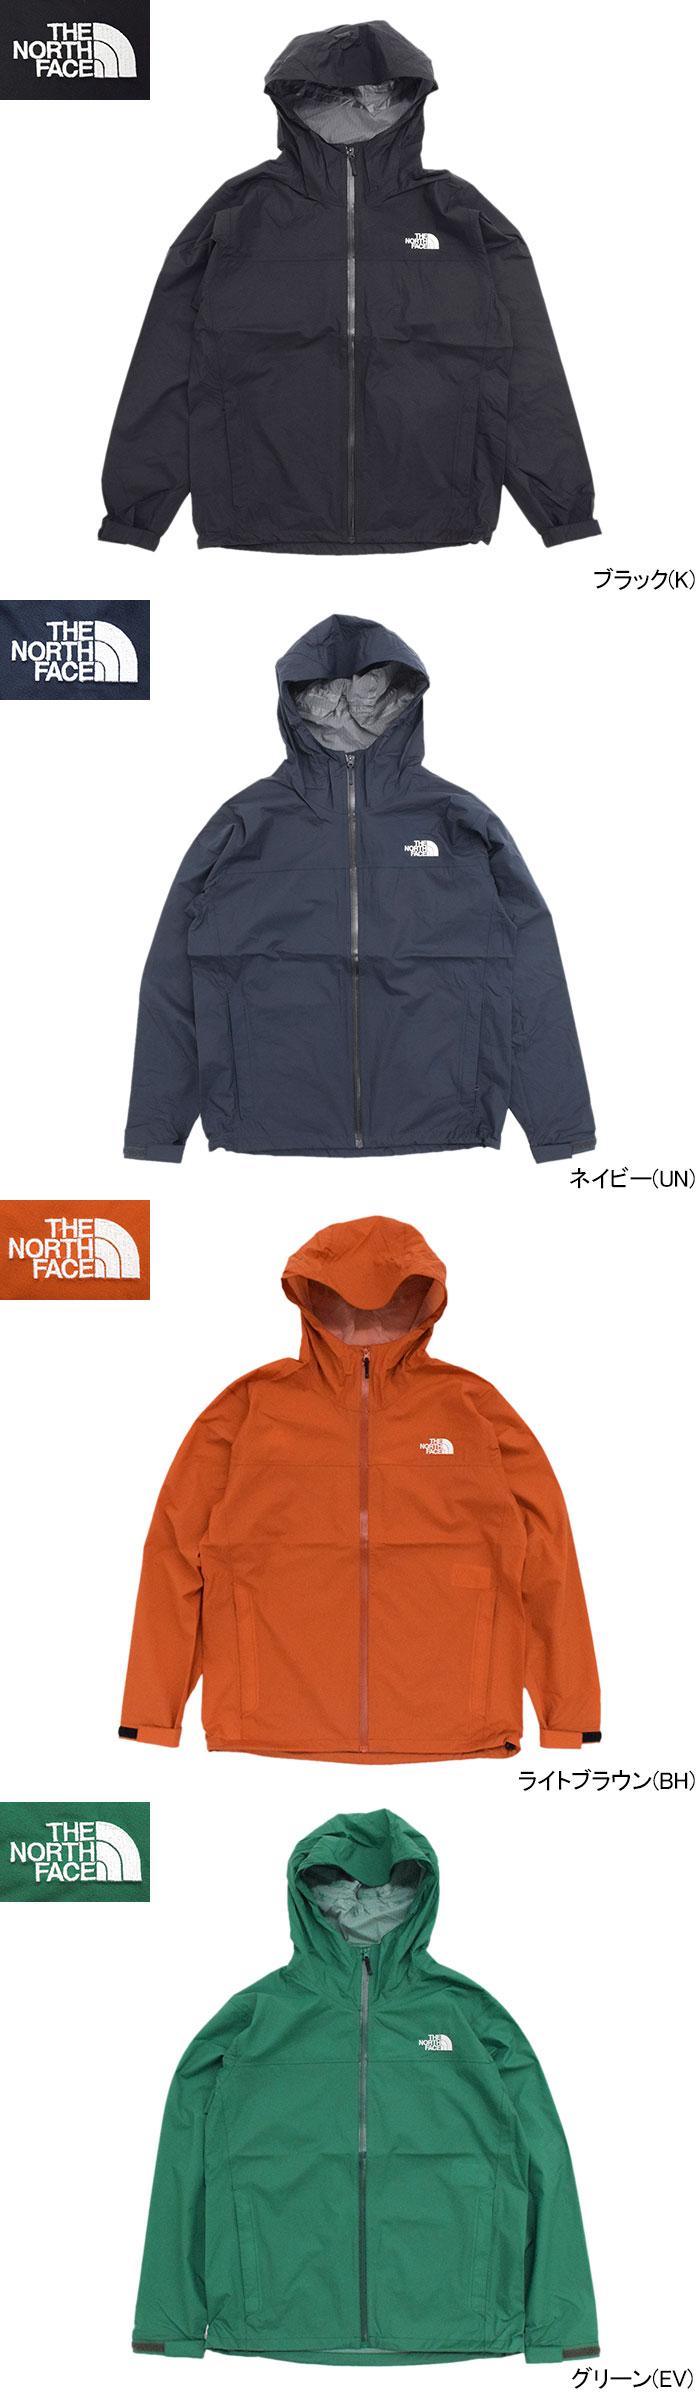 THE NORTH FACEザ ノースフェイスのジャケット Venture09